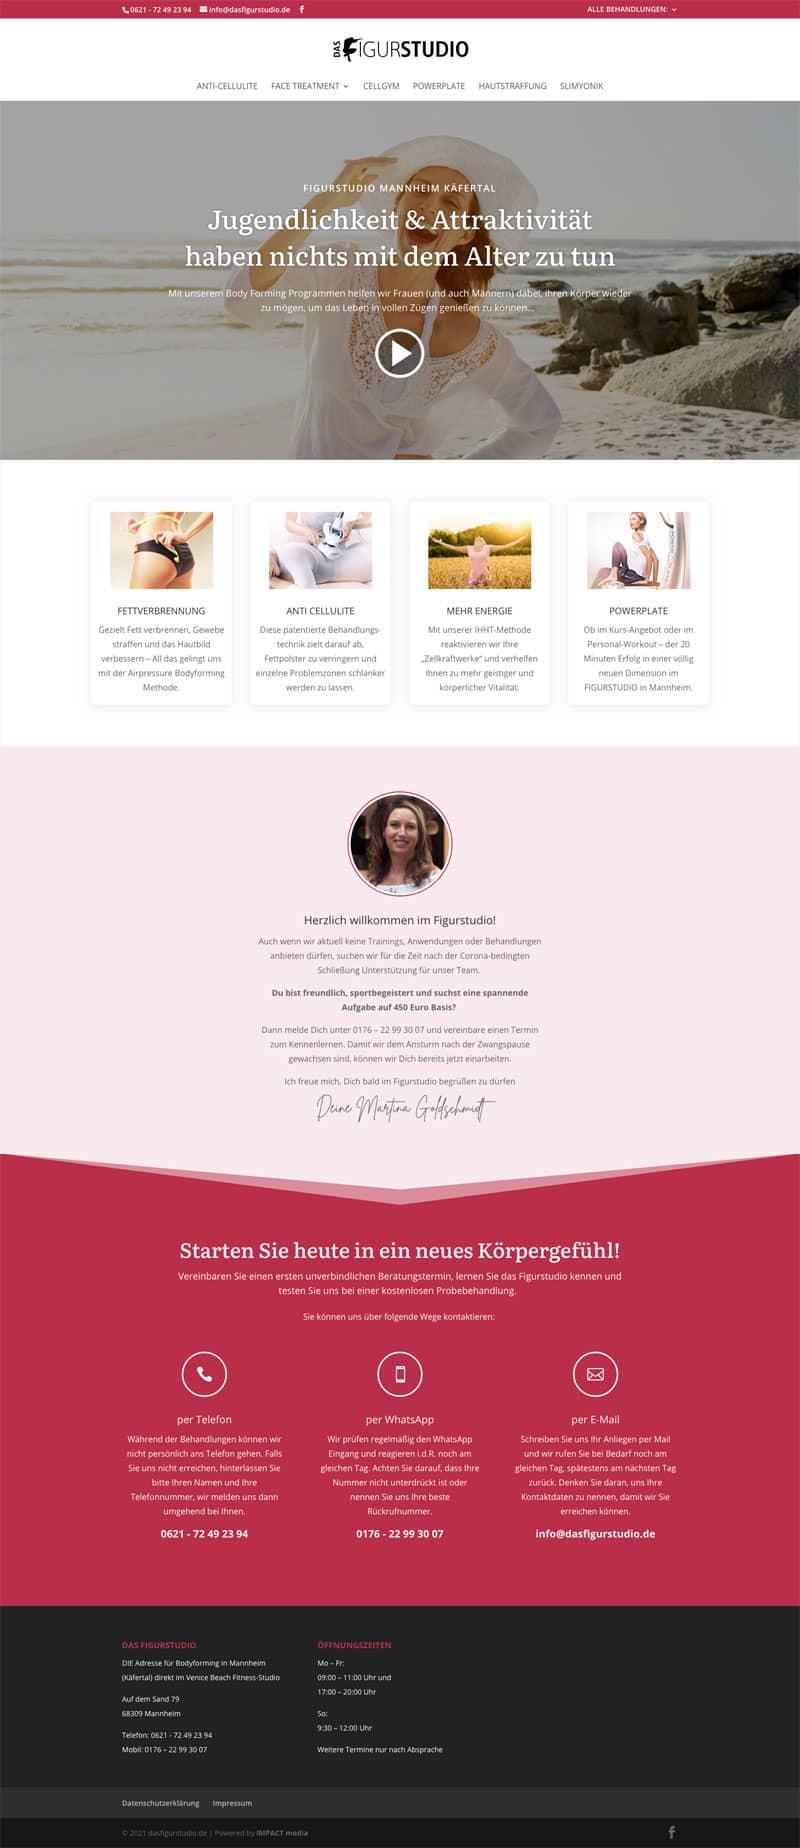 Screenshot der Website dasfigurstudio.de